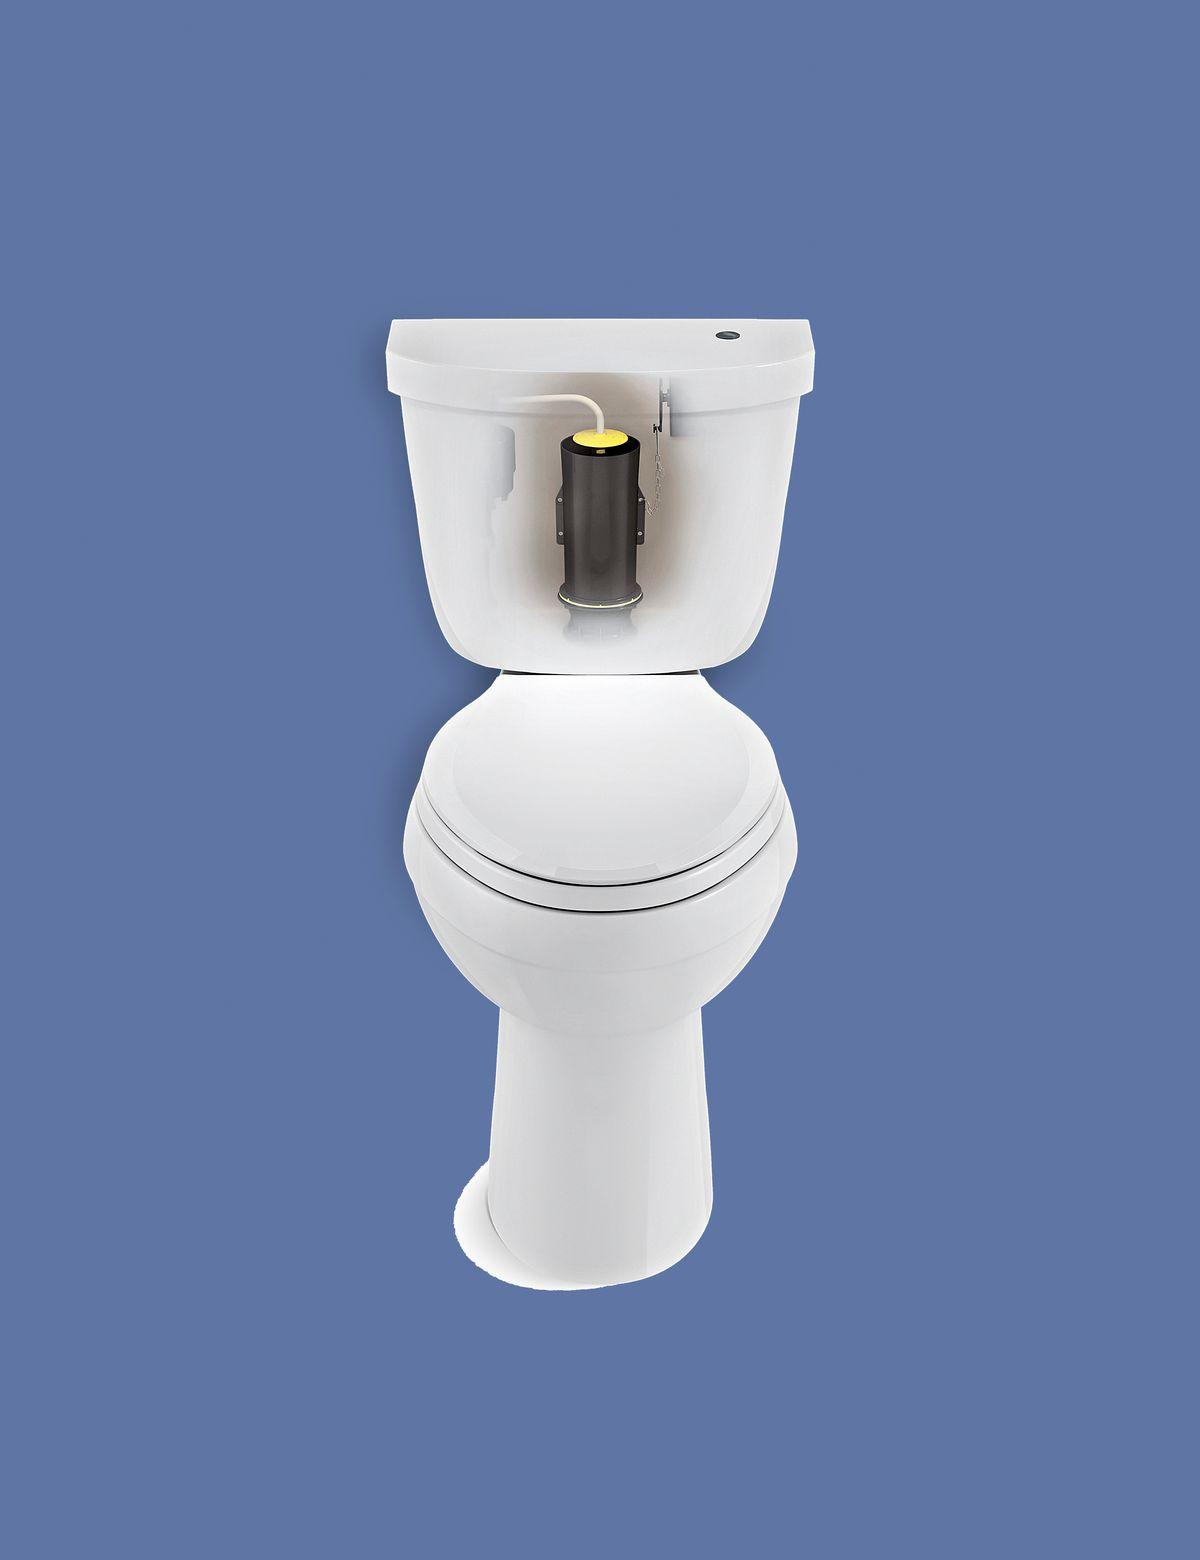 Canister-style flush valve.